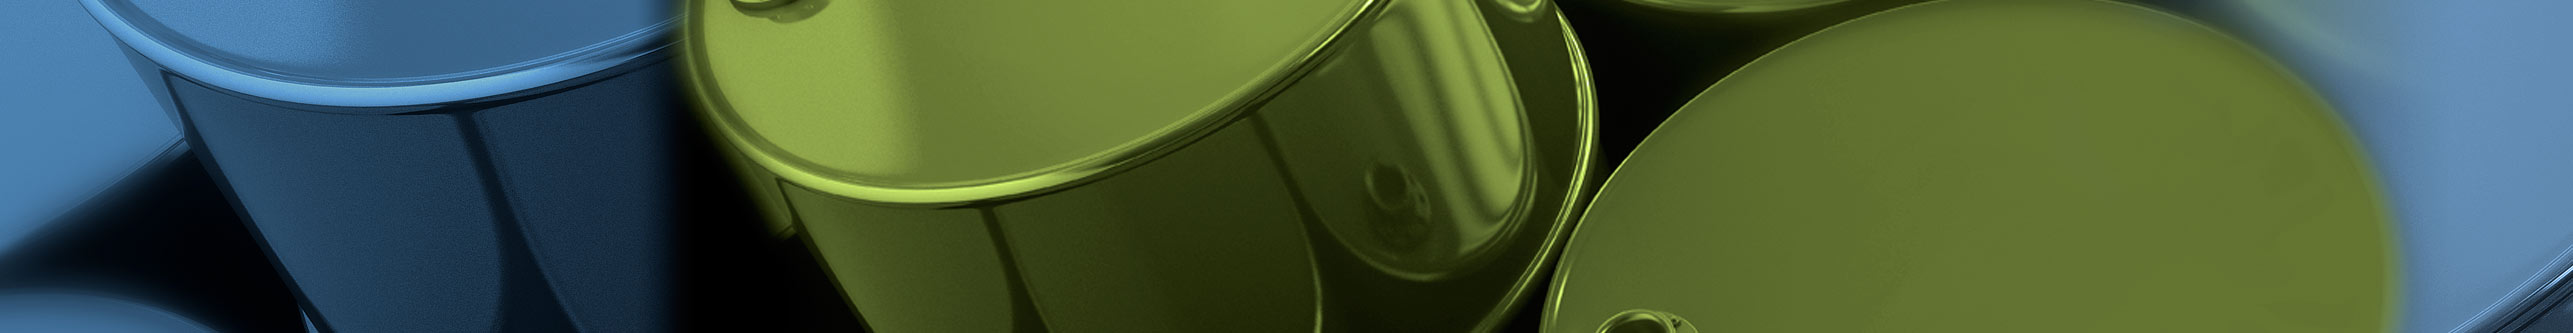 produkcja-beczki stalowej